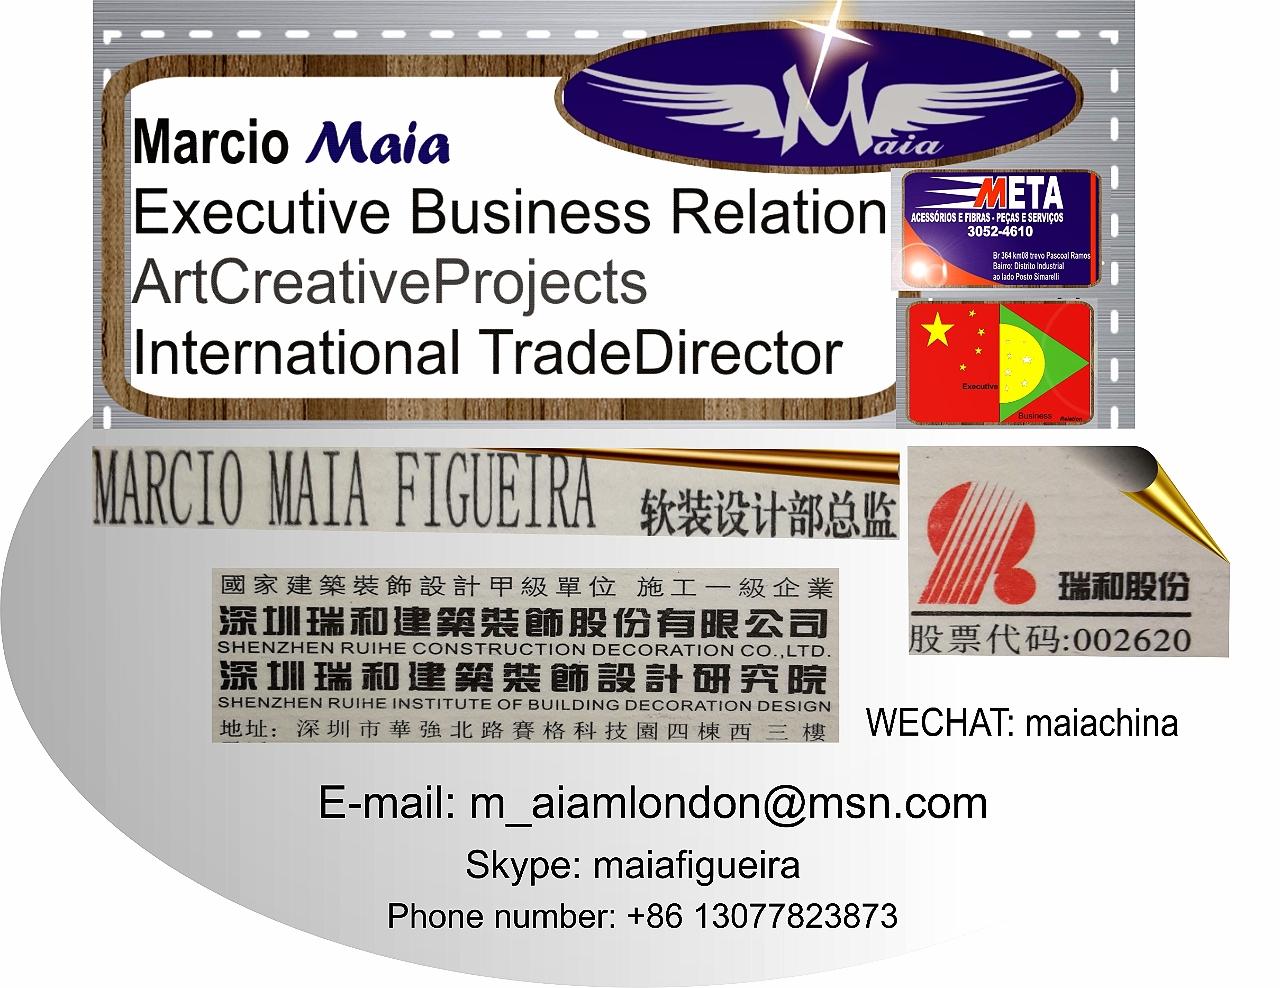 marcio maia figueira's Signature